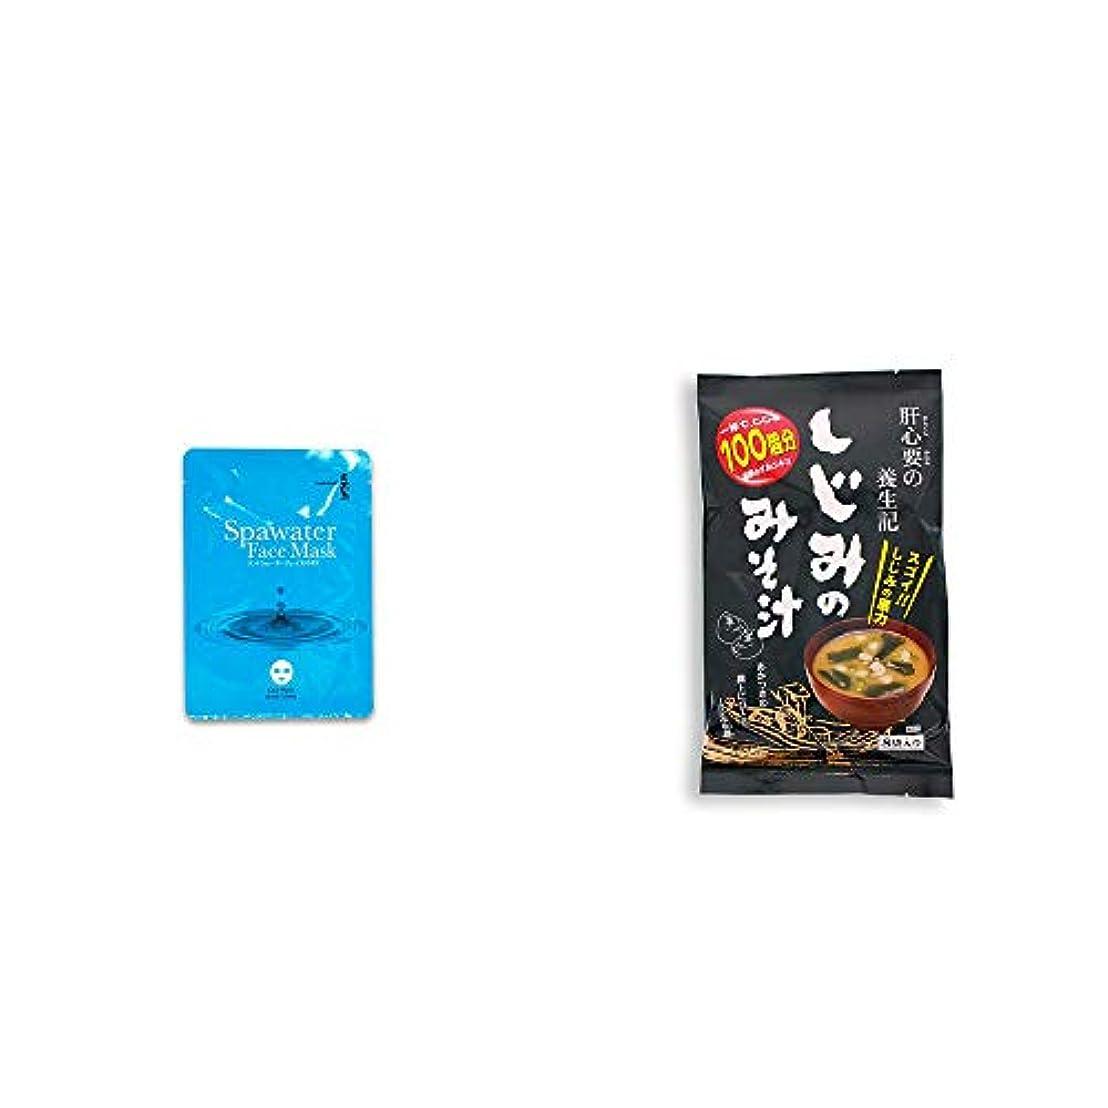 [2点セット] ひのき炭黒泉 スパウォーターフェイスマスク(18ml×3枚入)?肝心要の養生記 しじみのみそ汁(56g(7g×8袋))